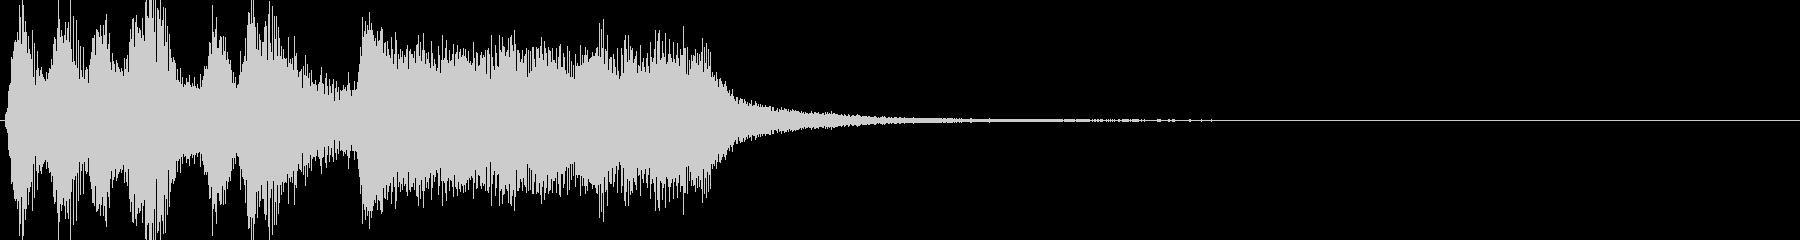 軽い/軽め/小さい ファンファーレ7の未再生の波形